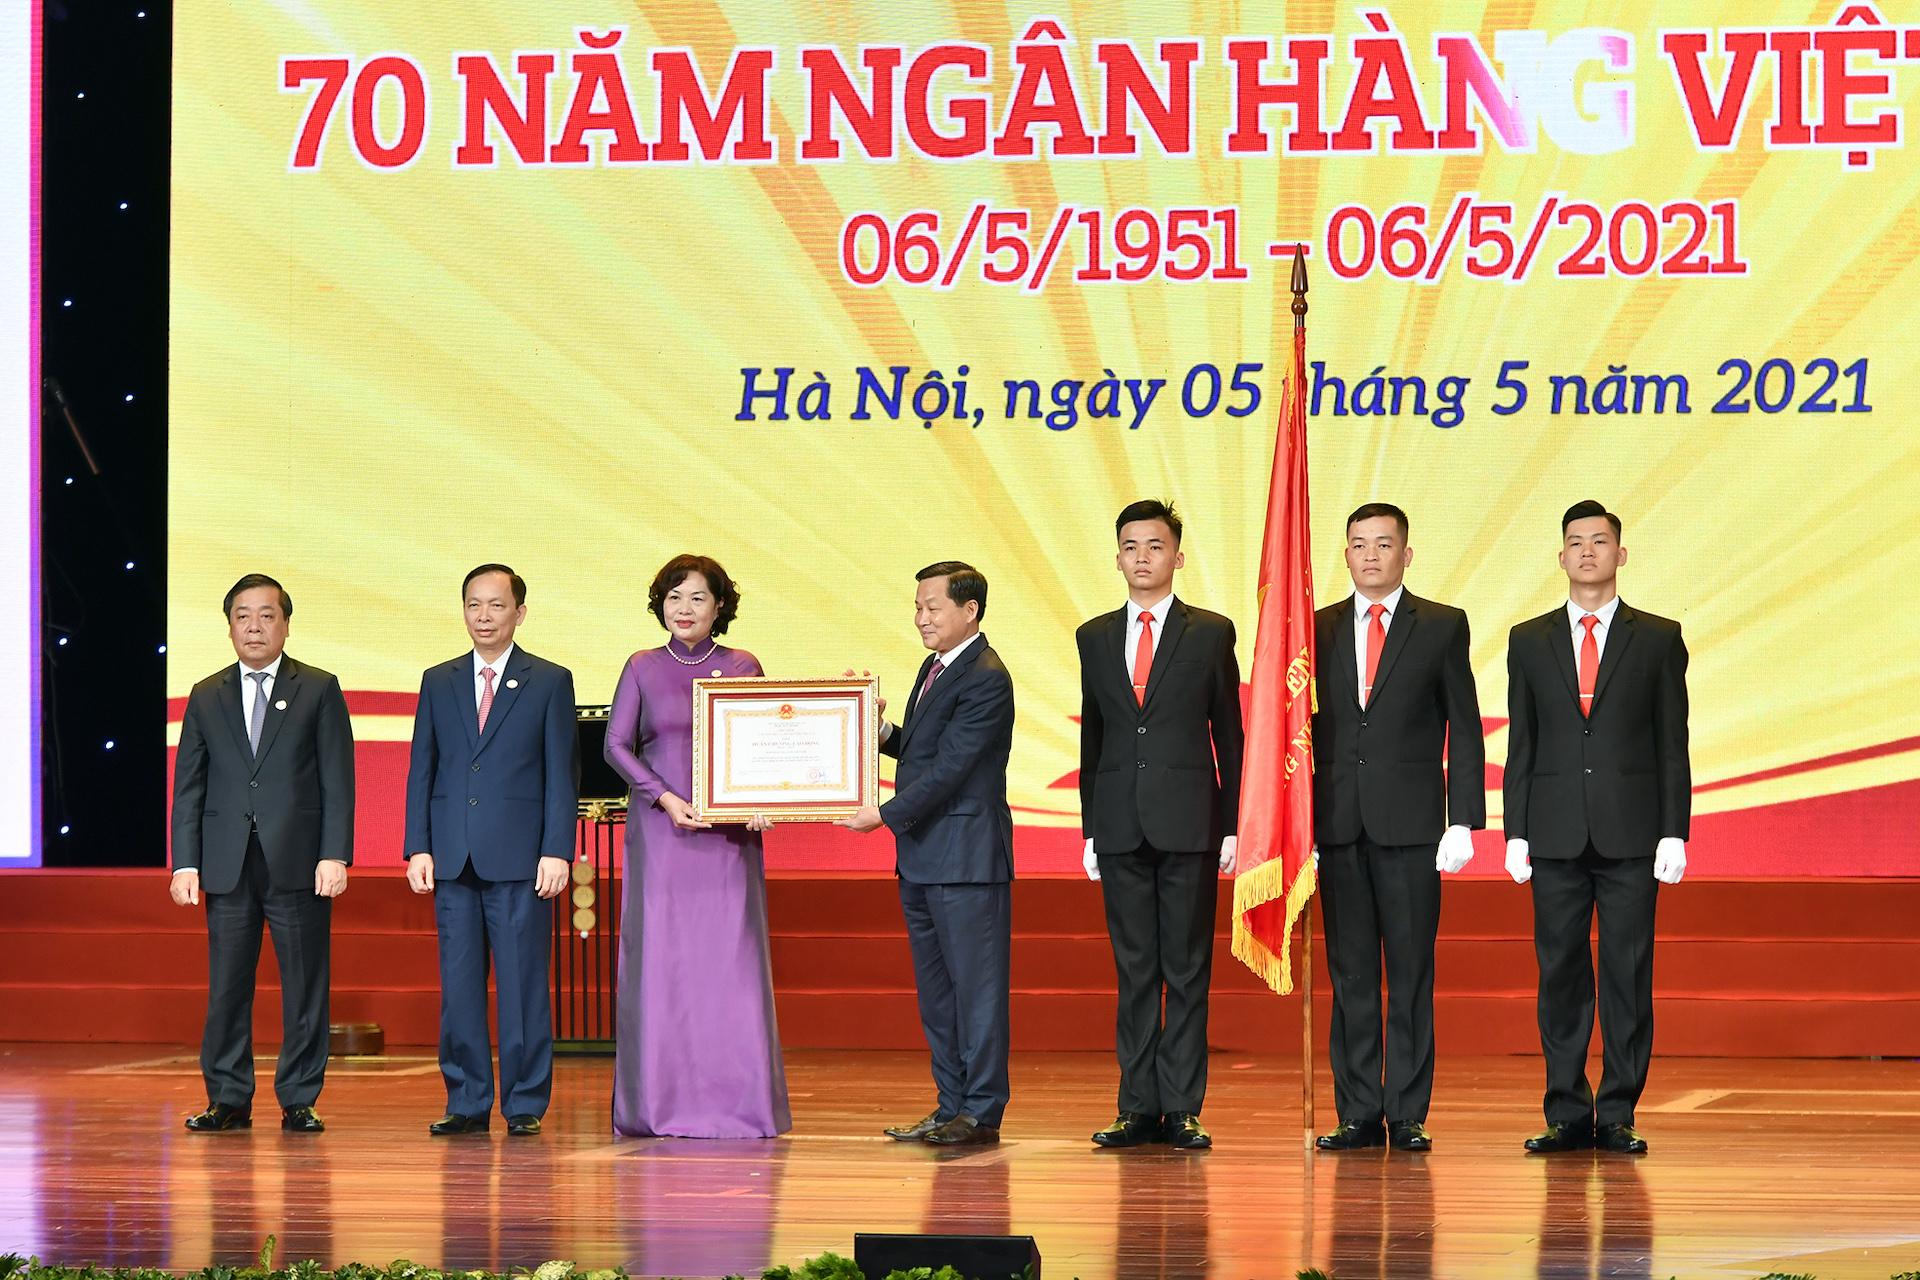 Phó Thủ tướng Lê Minh Khái trao Huân chương Lao động hạng Nhất cho Ngân hàng Nhà nước Việt Nam.